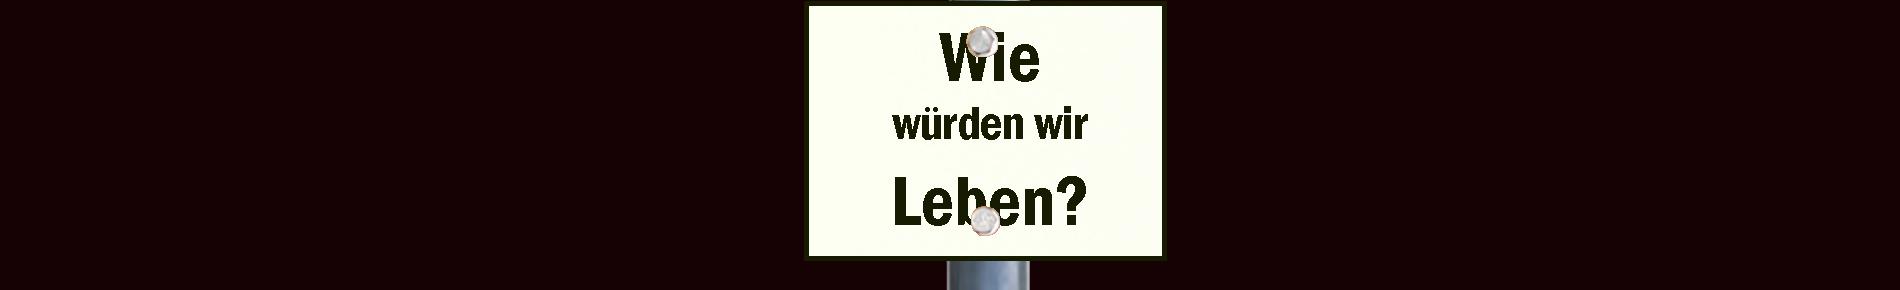 WW_WLwieLeben